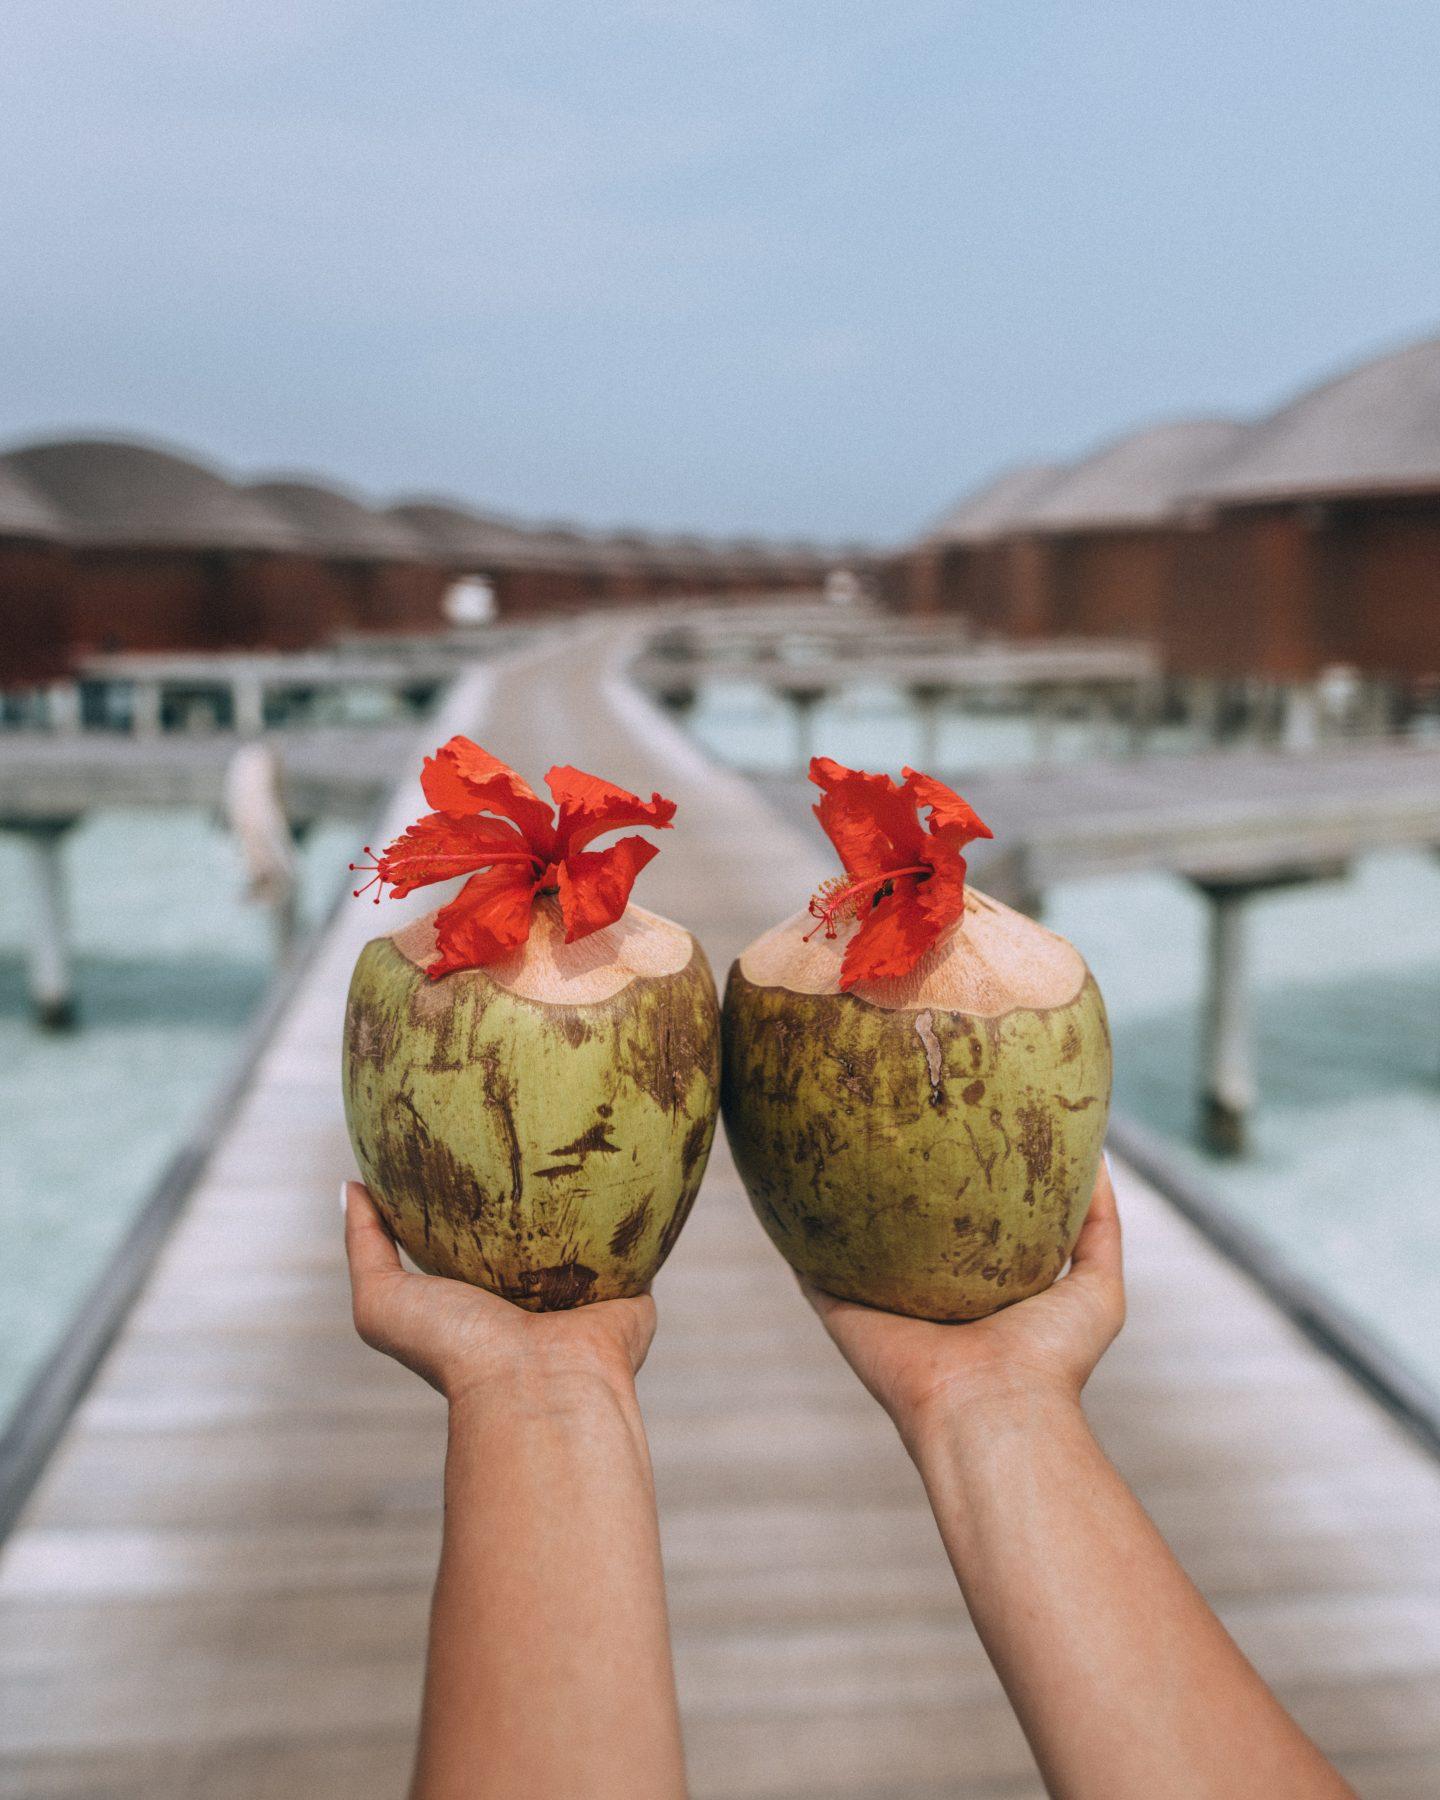 Enjoy fresh coconut at Anantara Dhigu Maldives